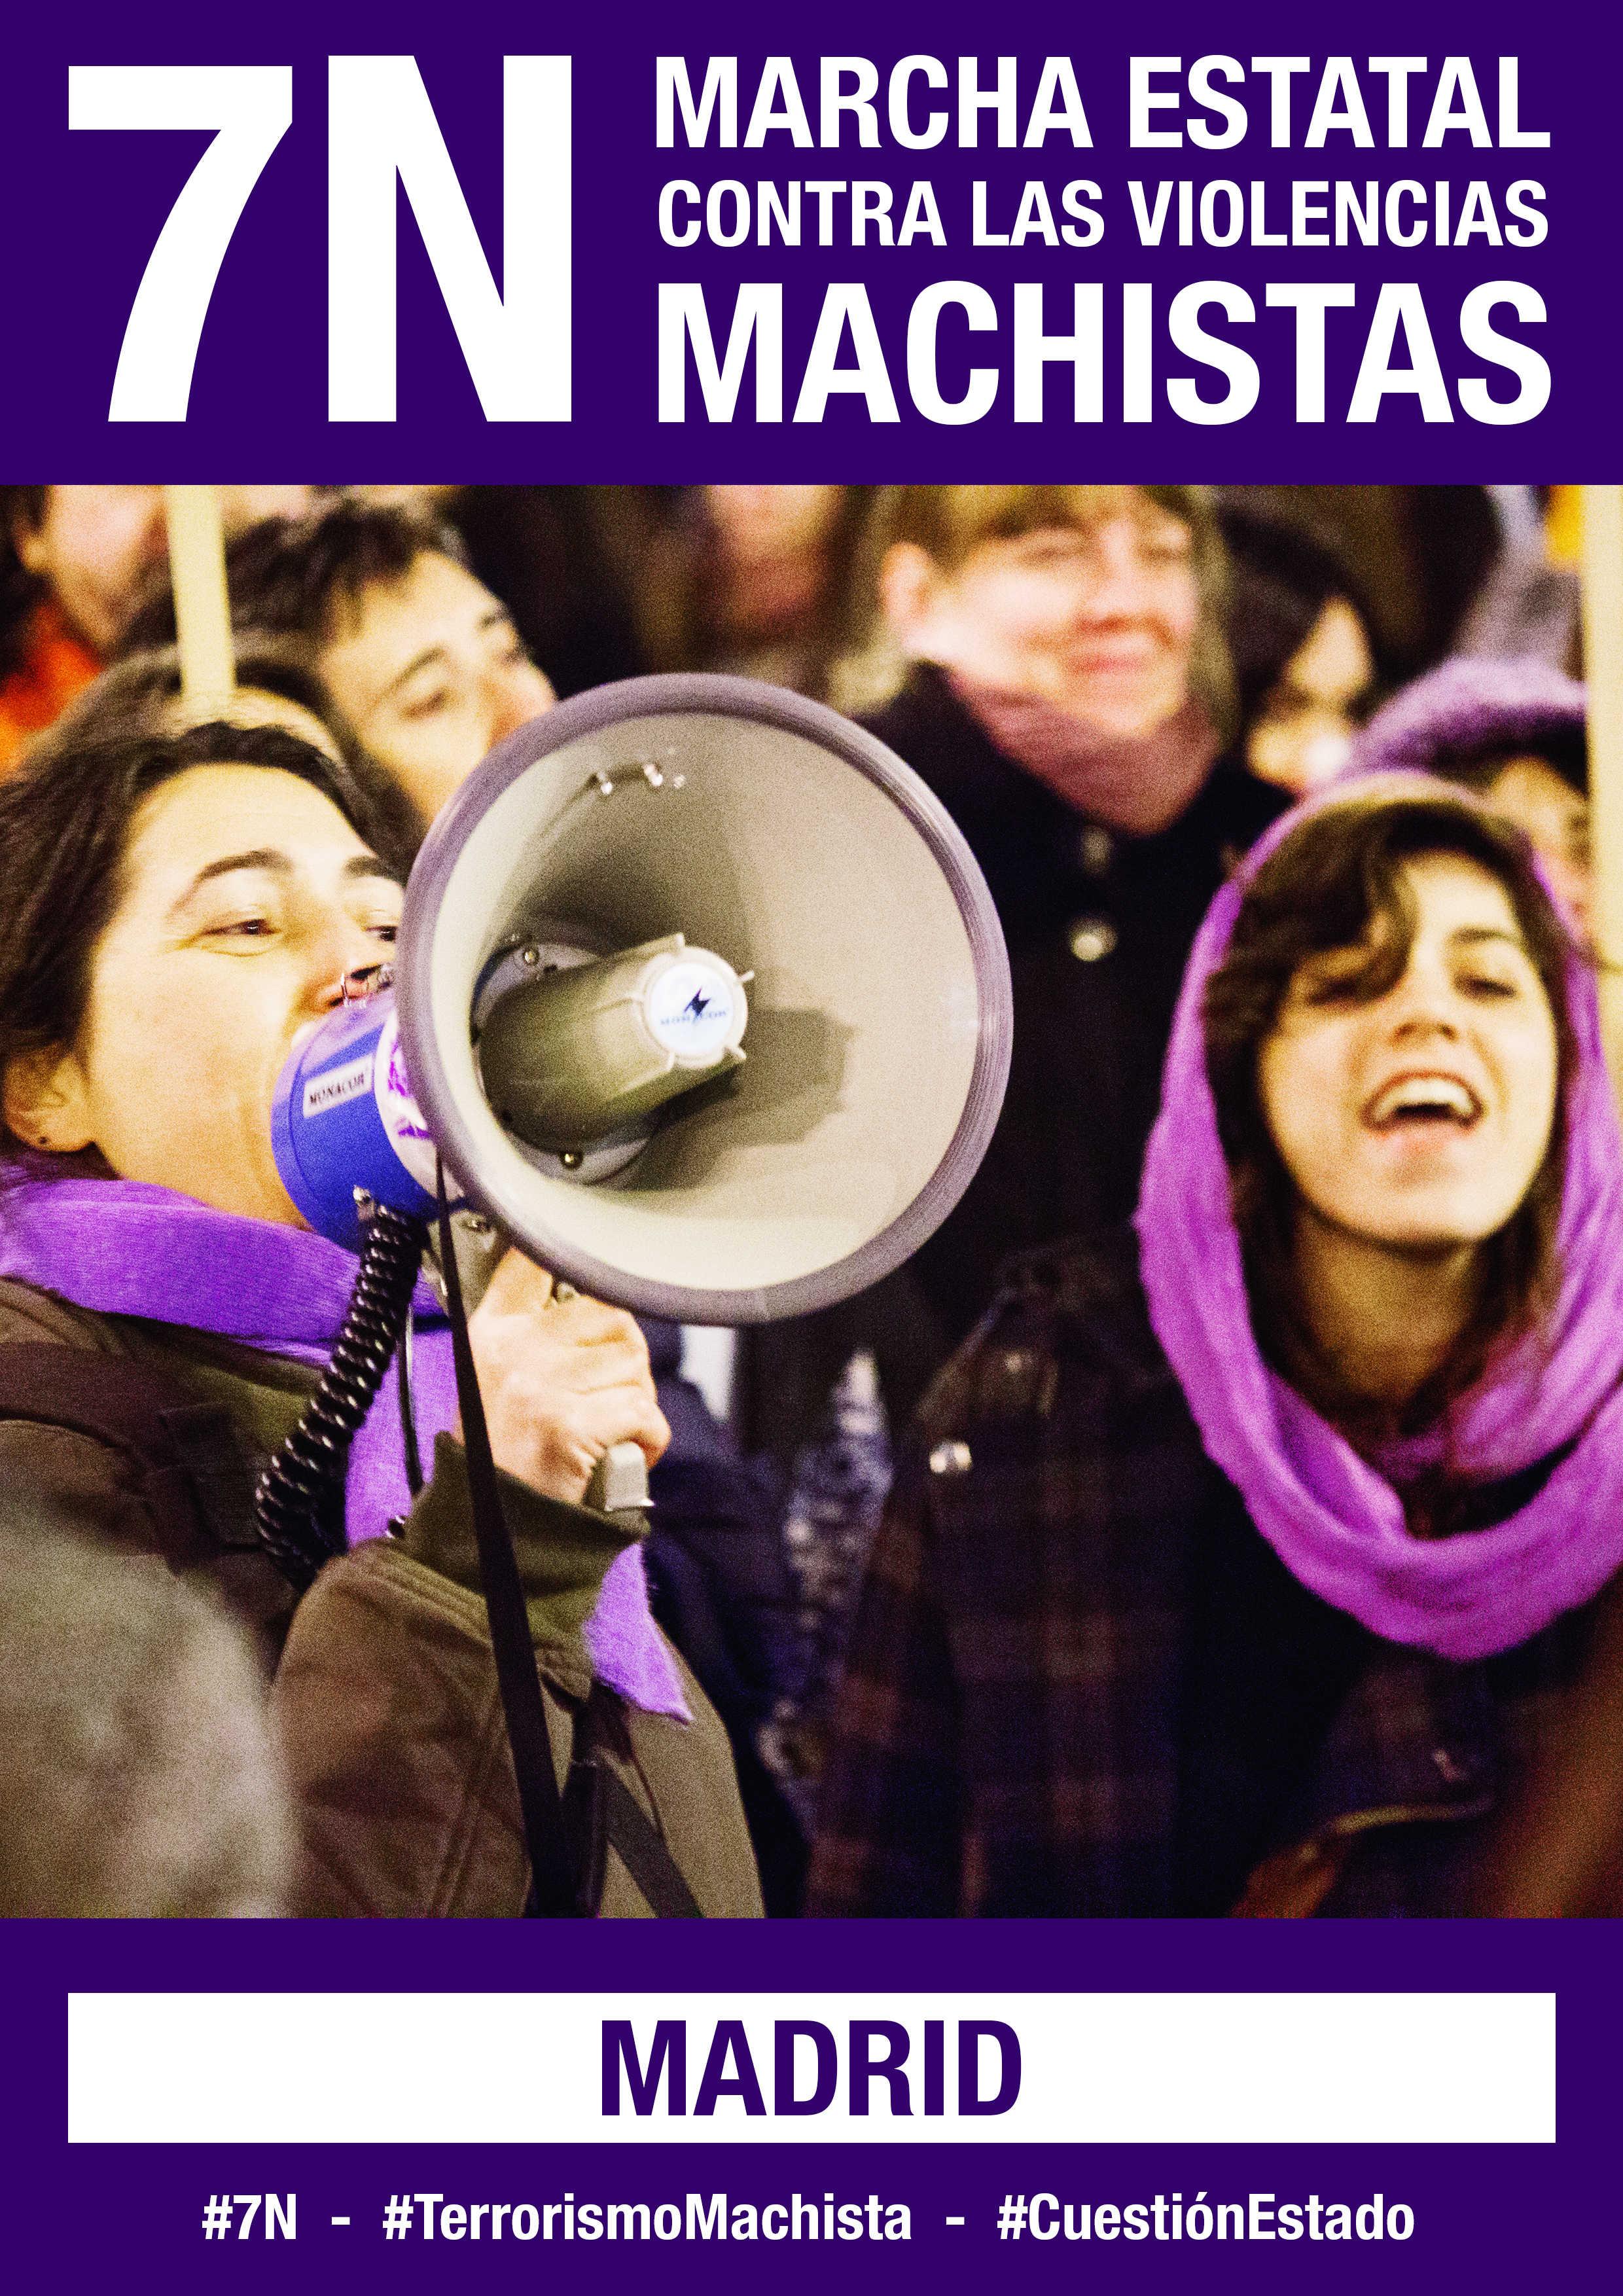 marcha3